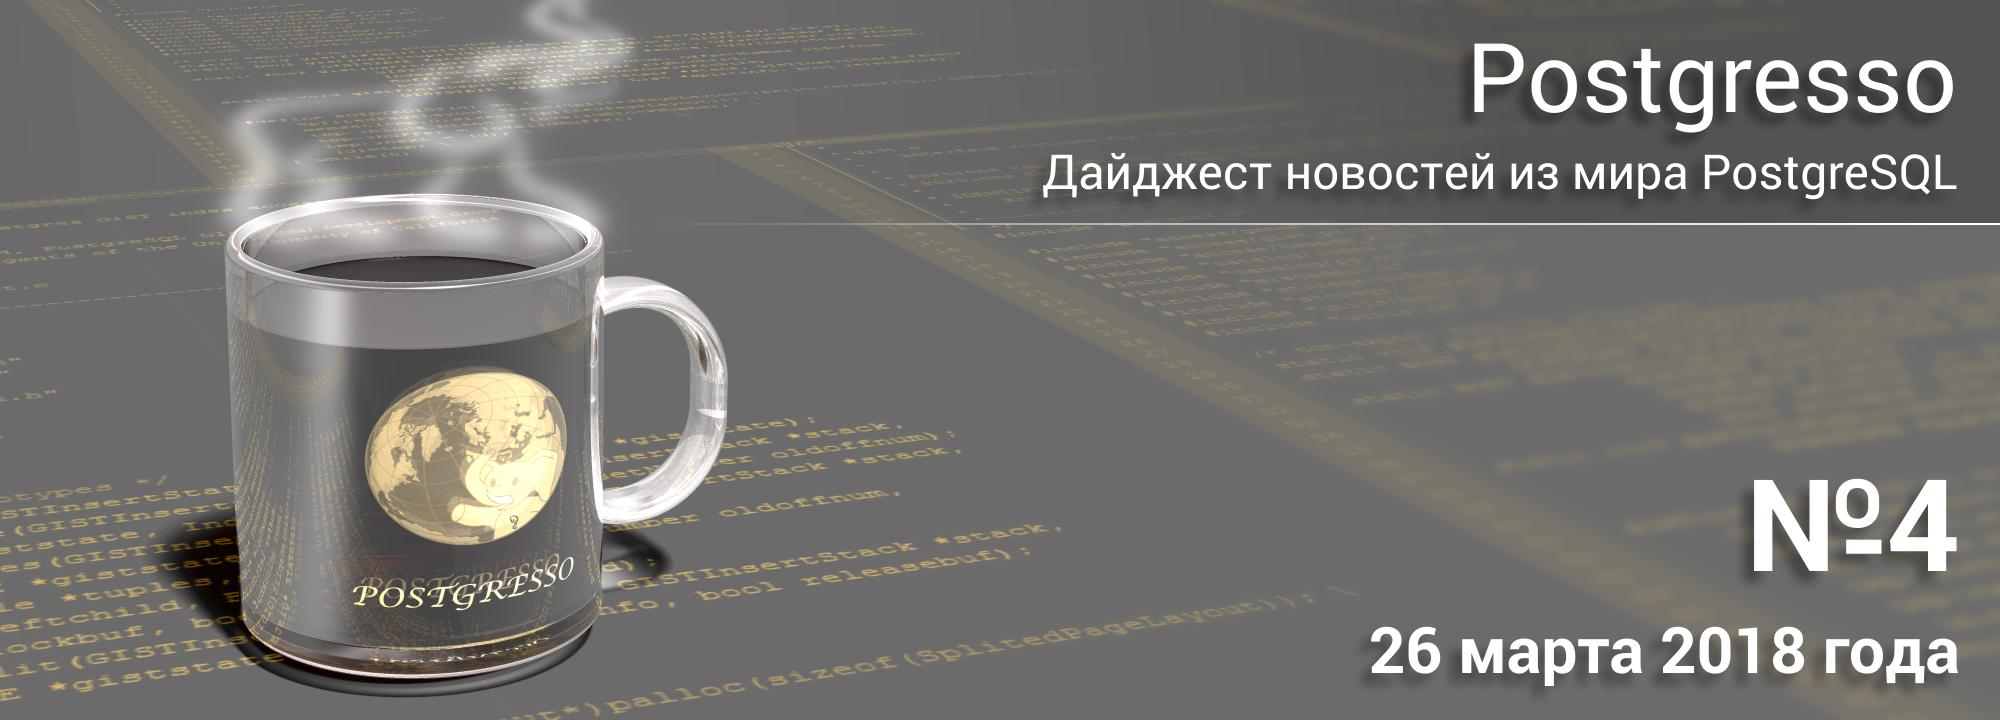 Дайджест новостей из мира PostgreSQL. Выпуск №4